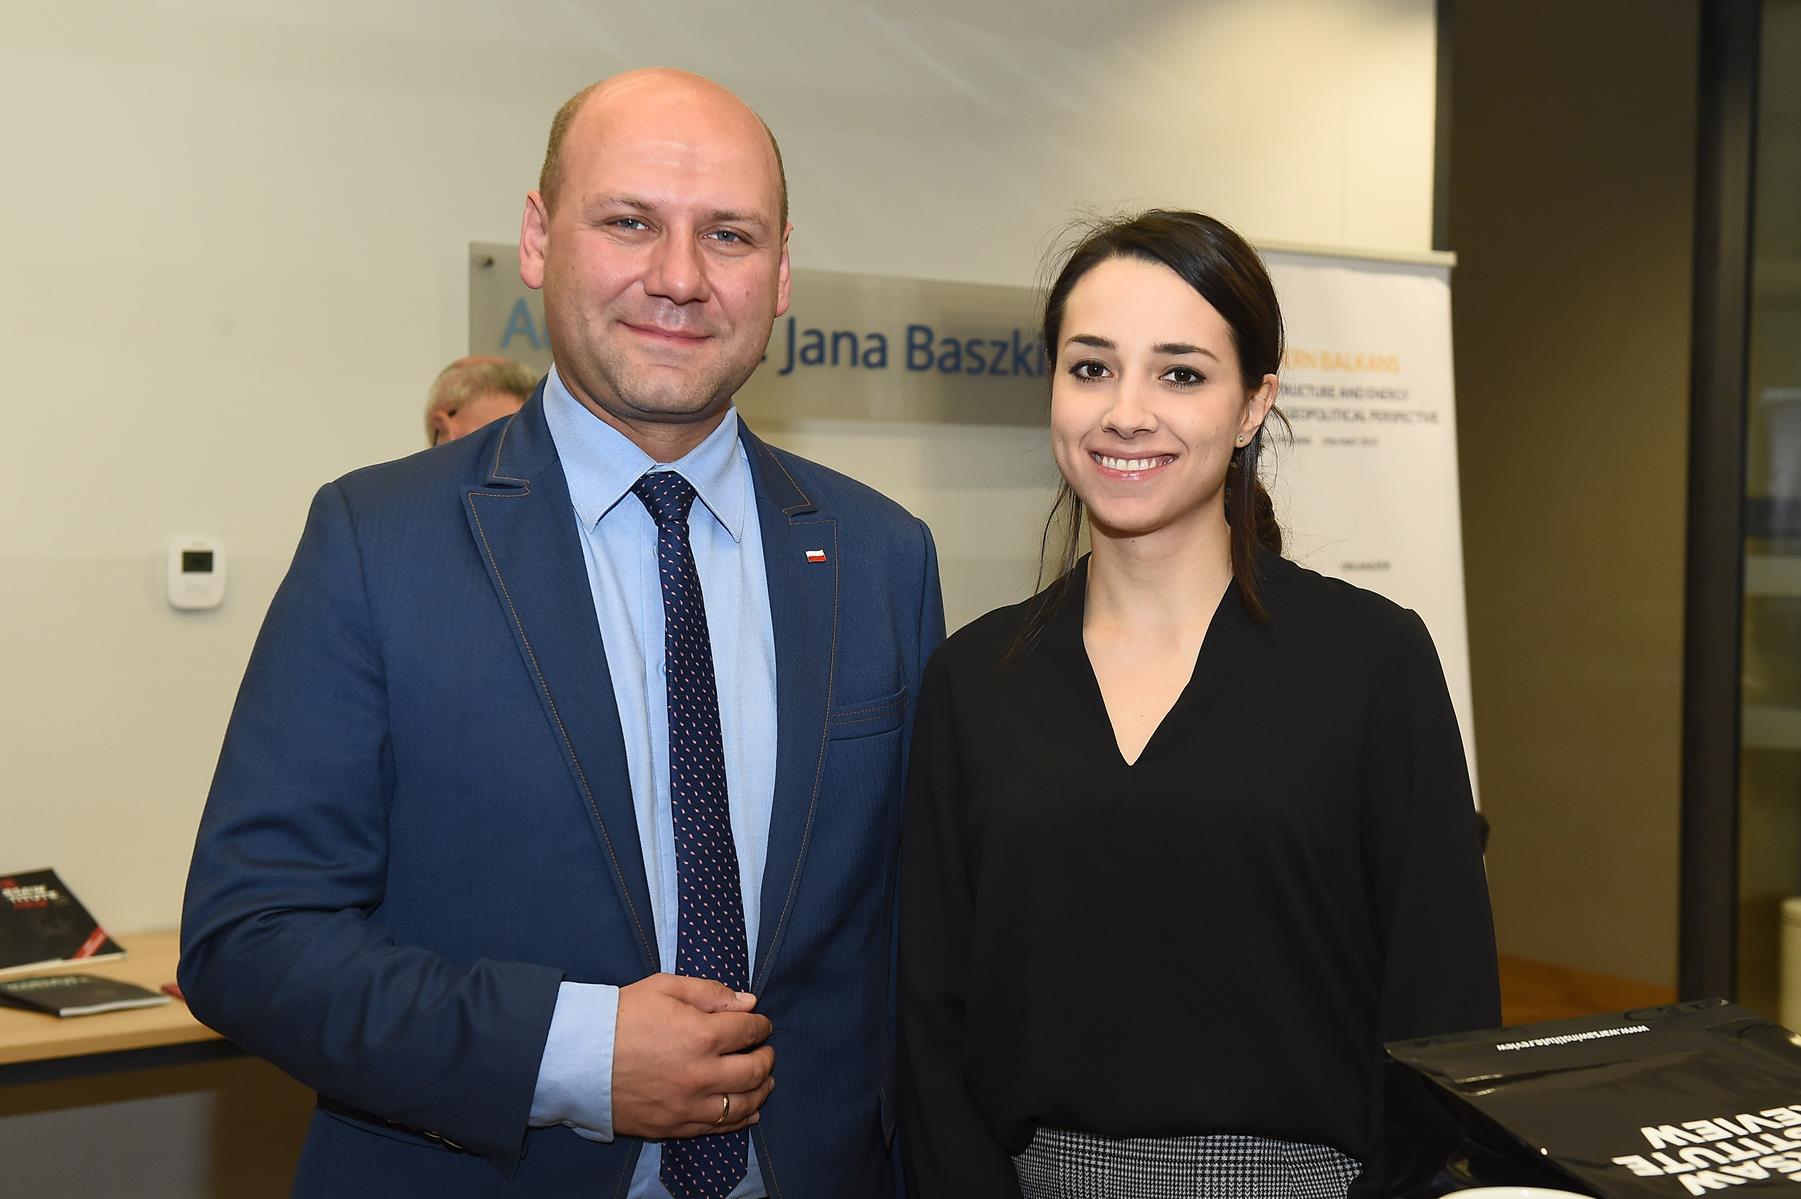 western balkans infrastructure energy geopolitics warsaw institute k9 6